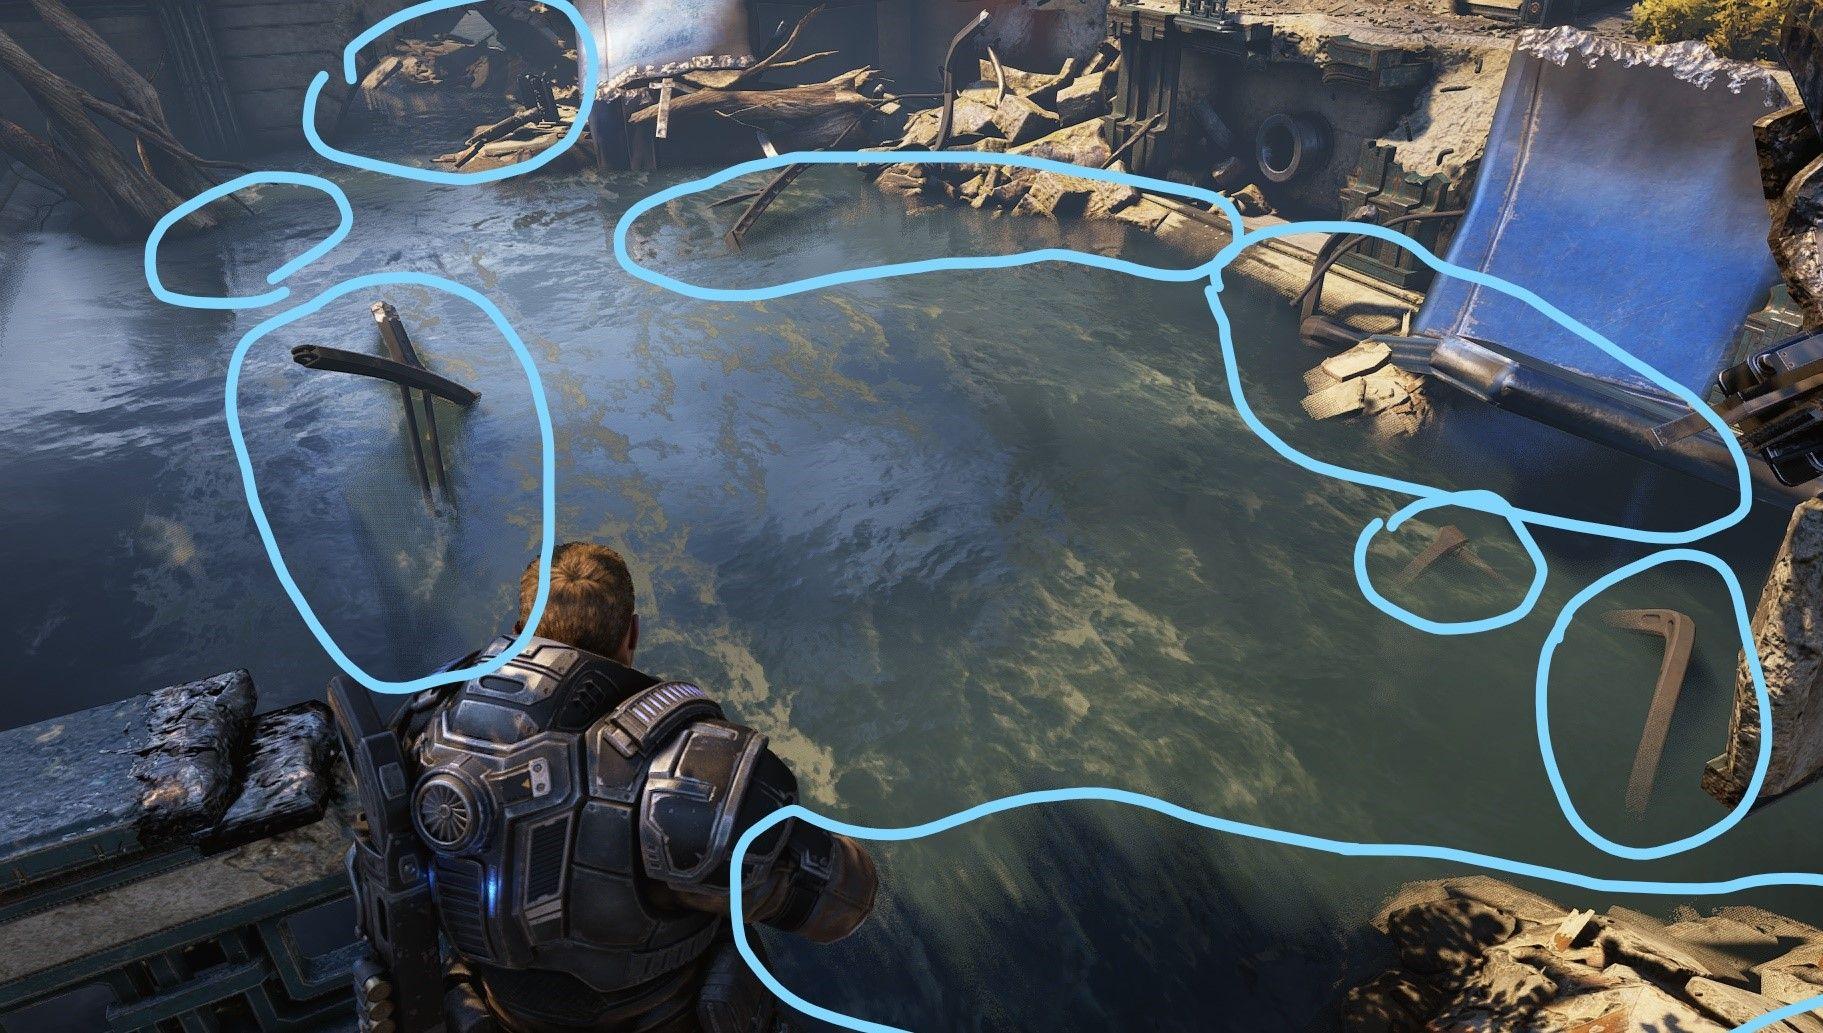 Gears of War 5 Screenshot 2021.03.04 - 20.25.07.65_LI.jpg